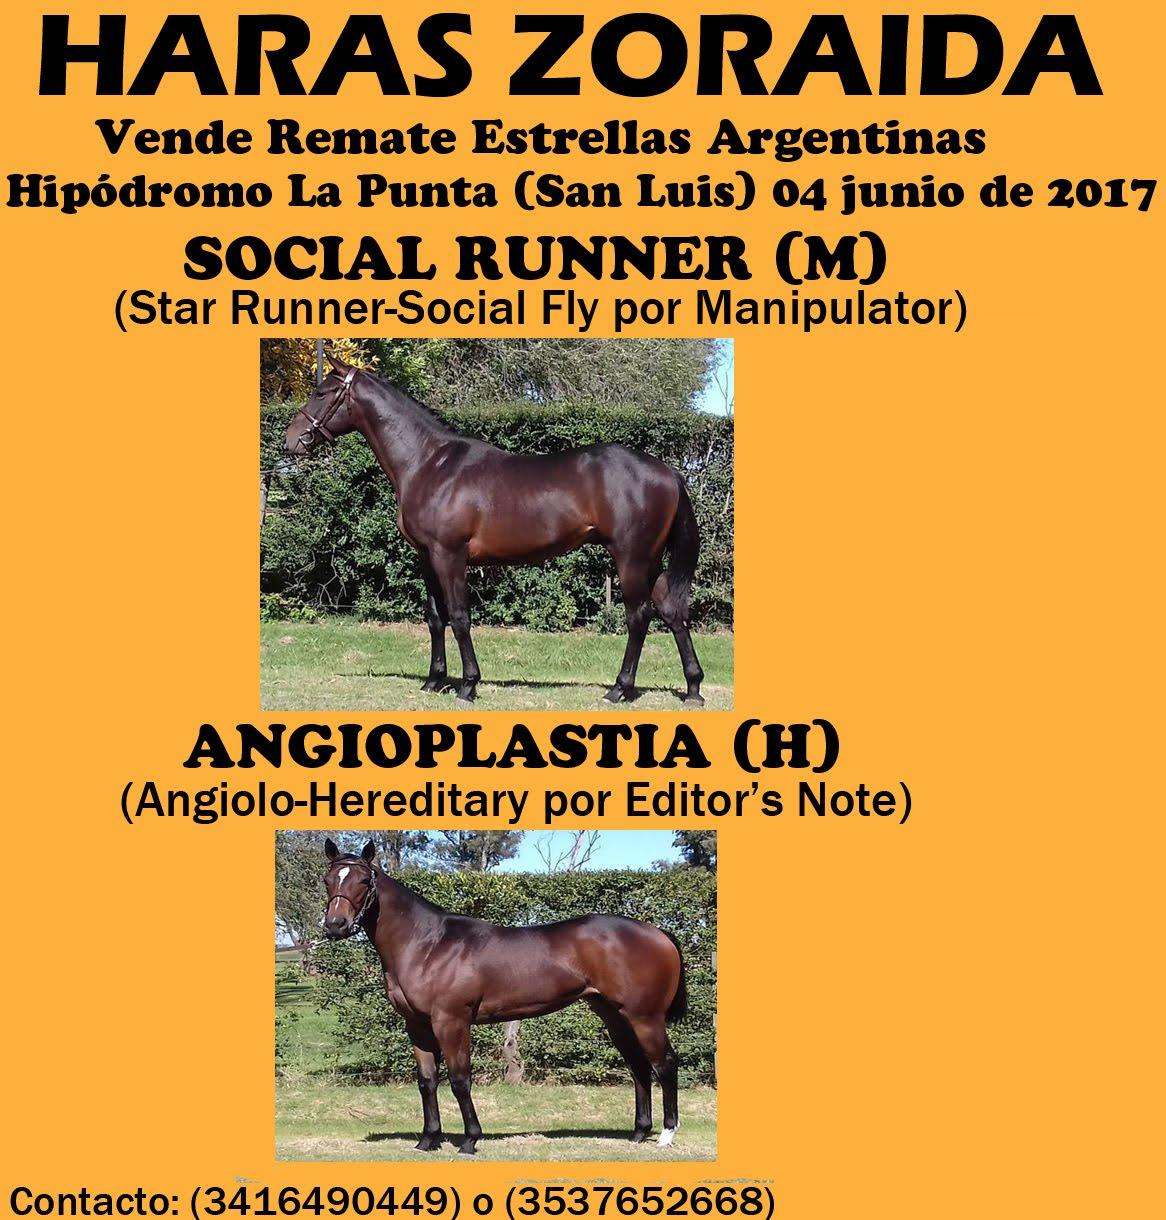 HS ZORAIDA REMATE LP